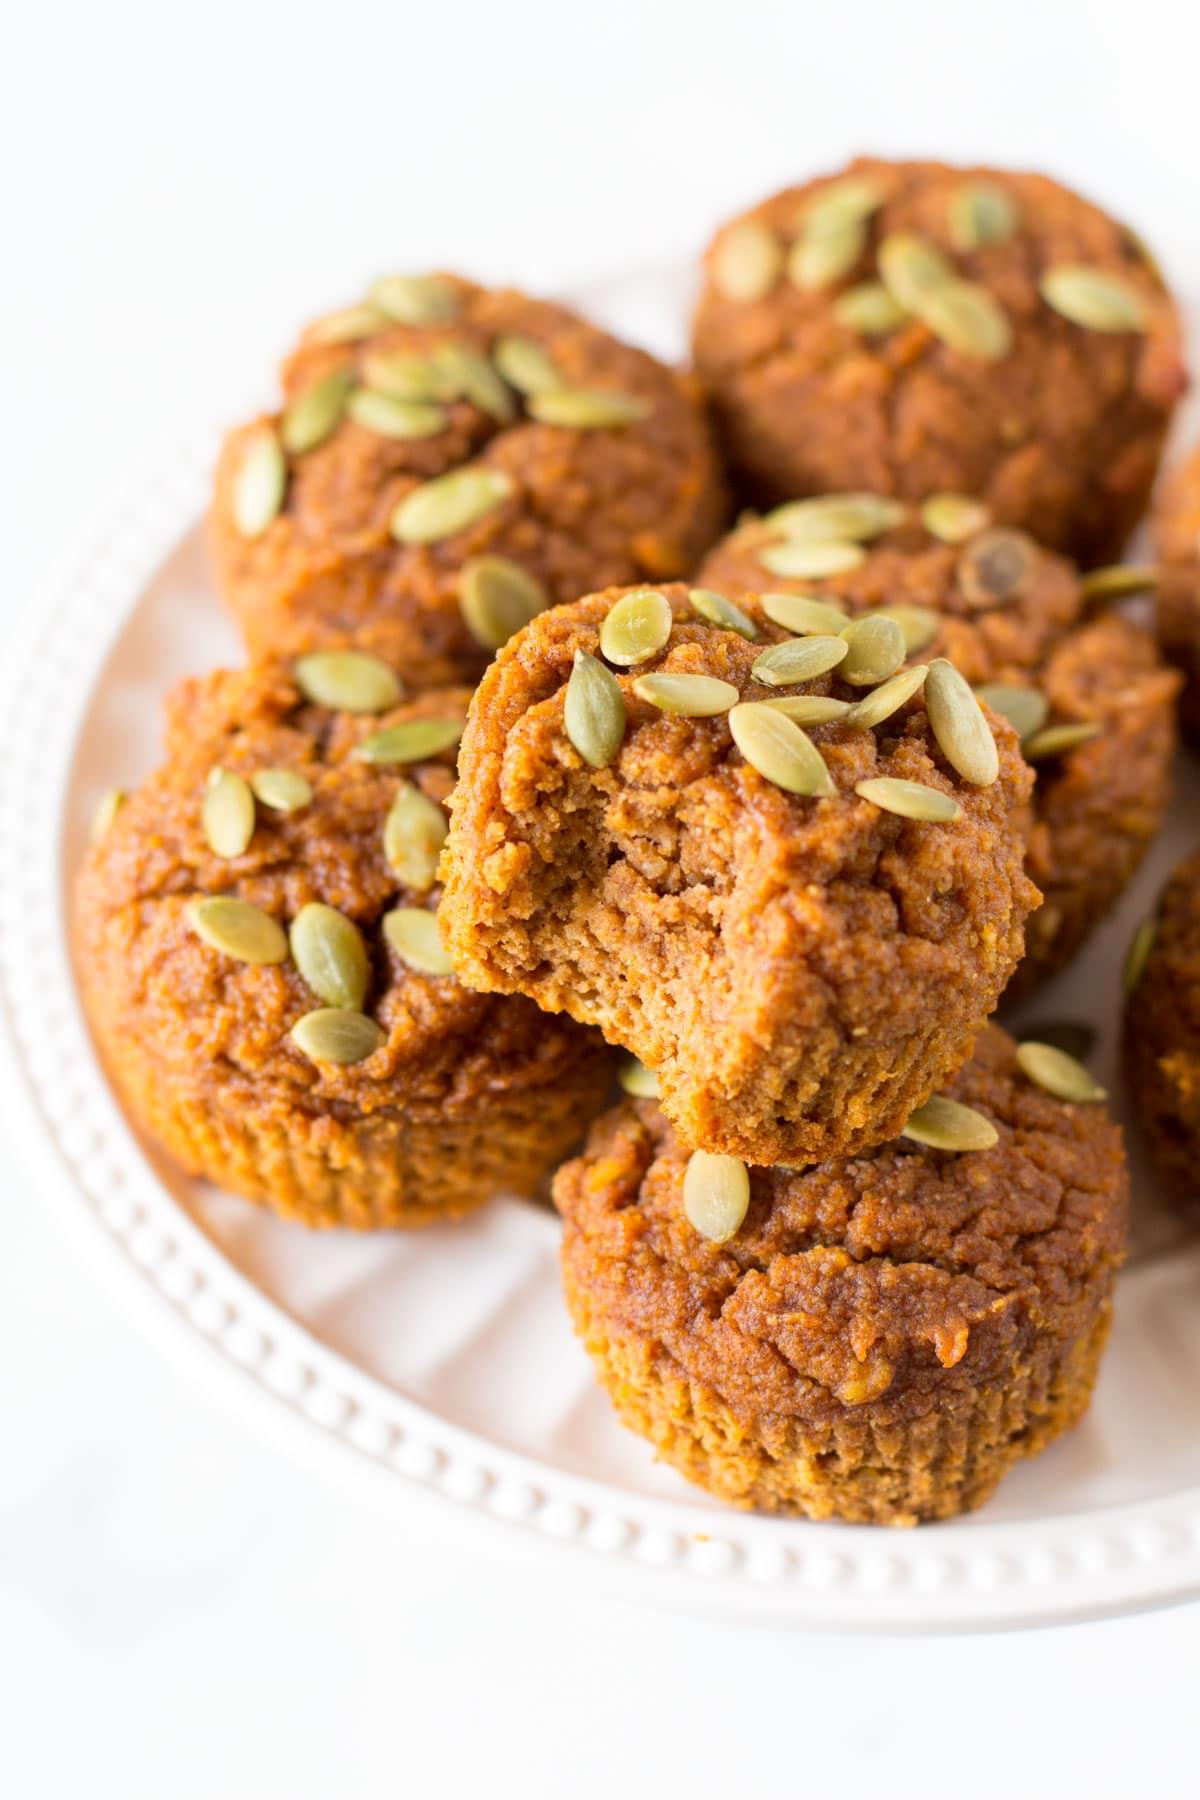 healthy muffin recipe